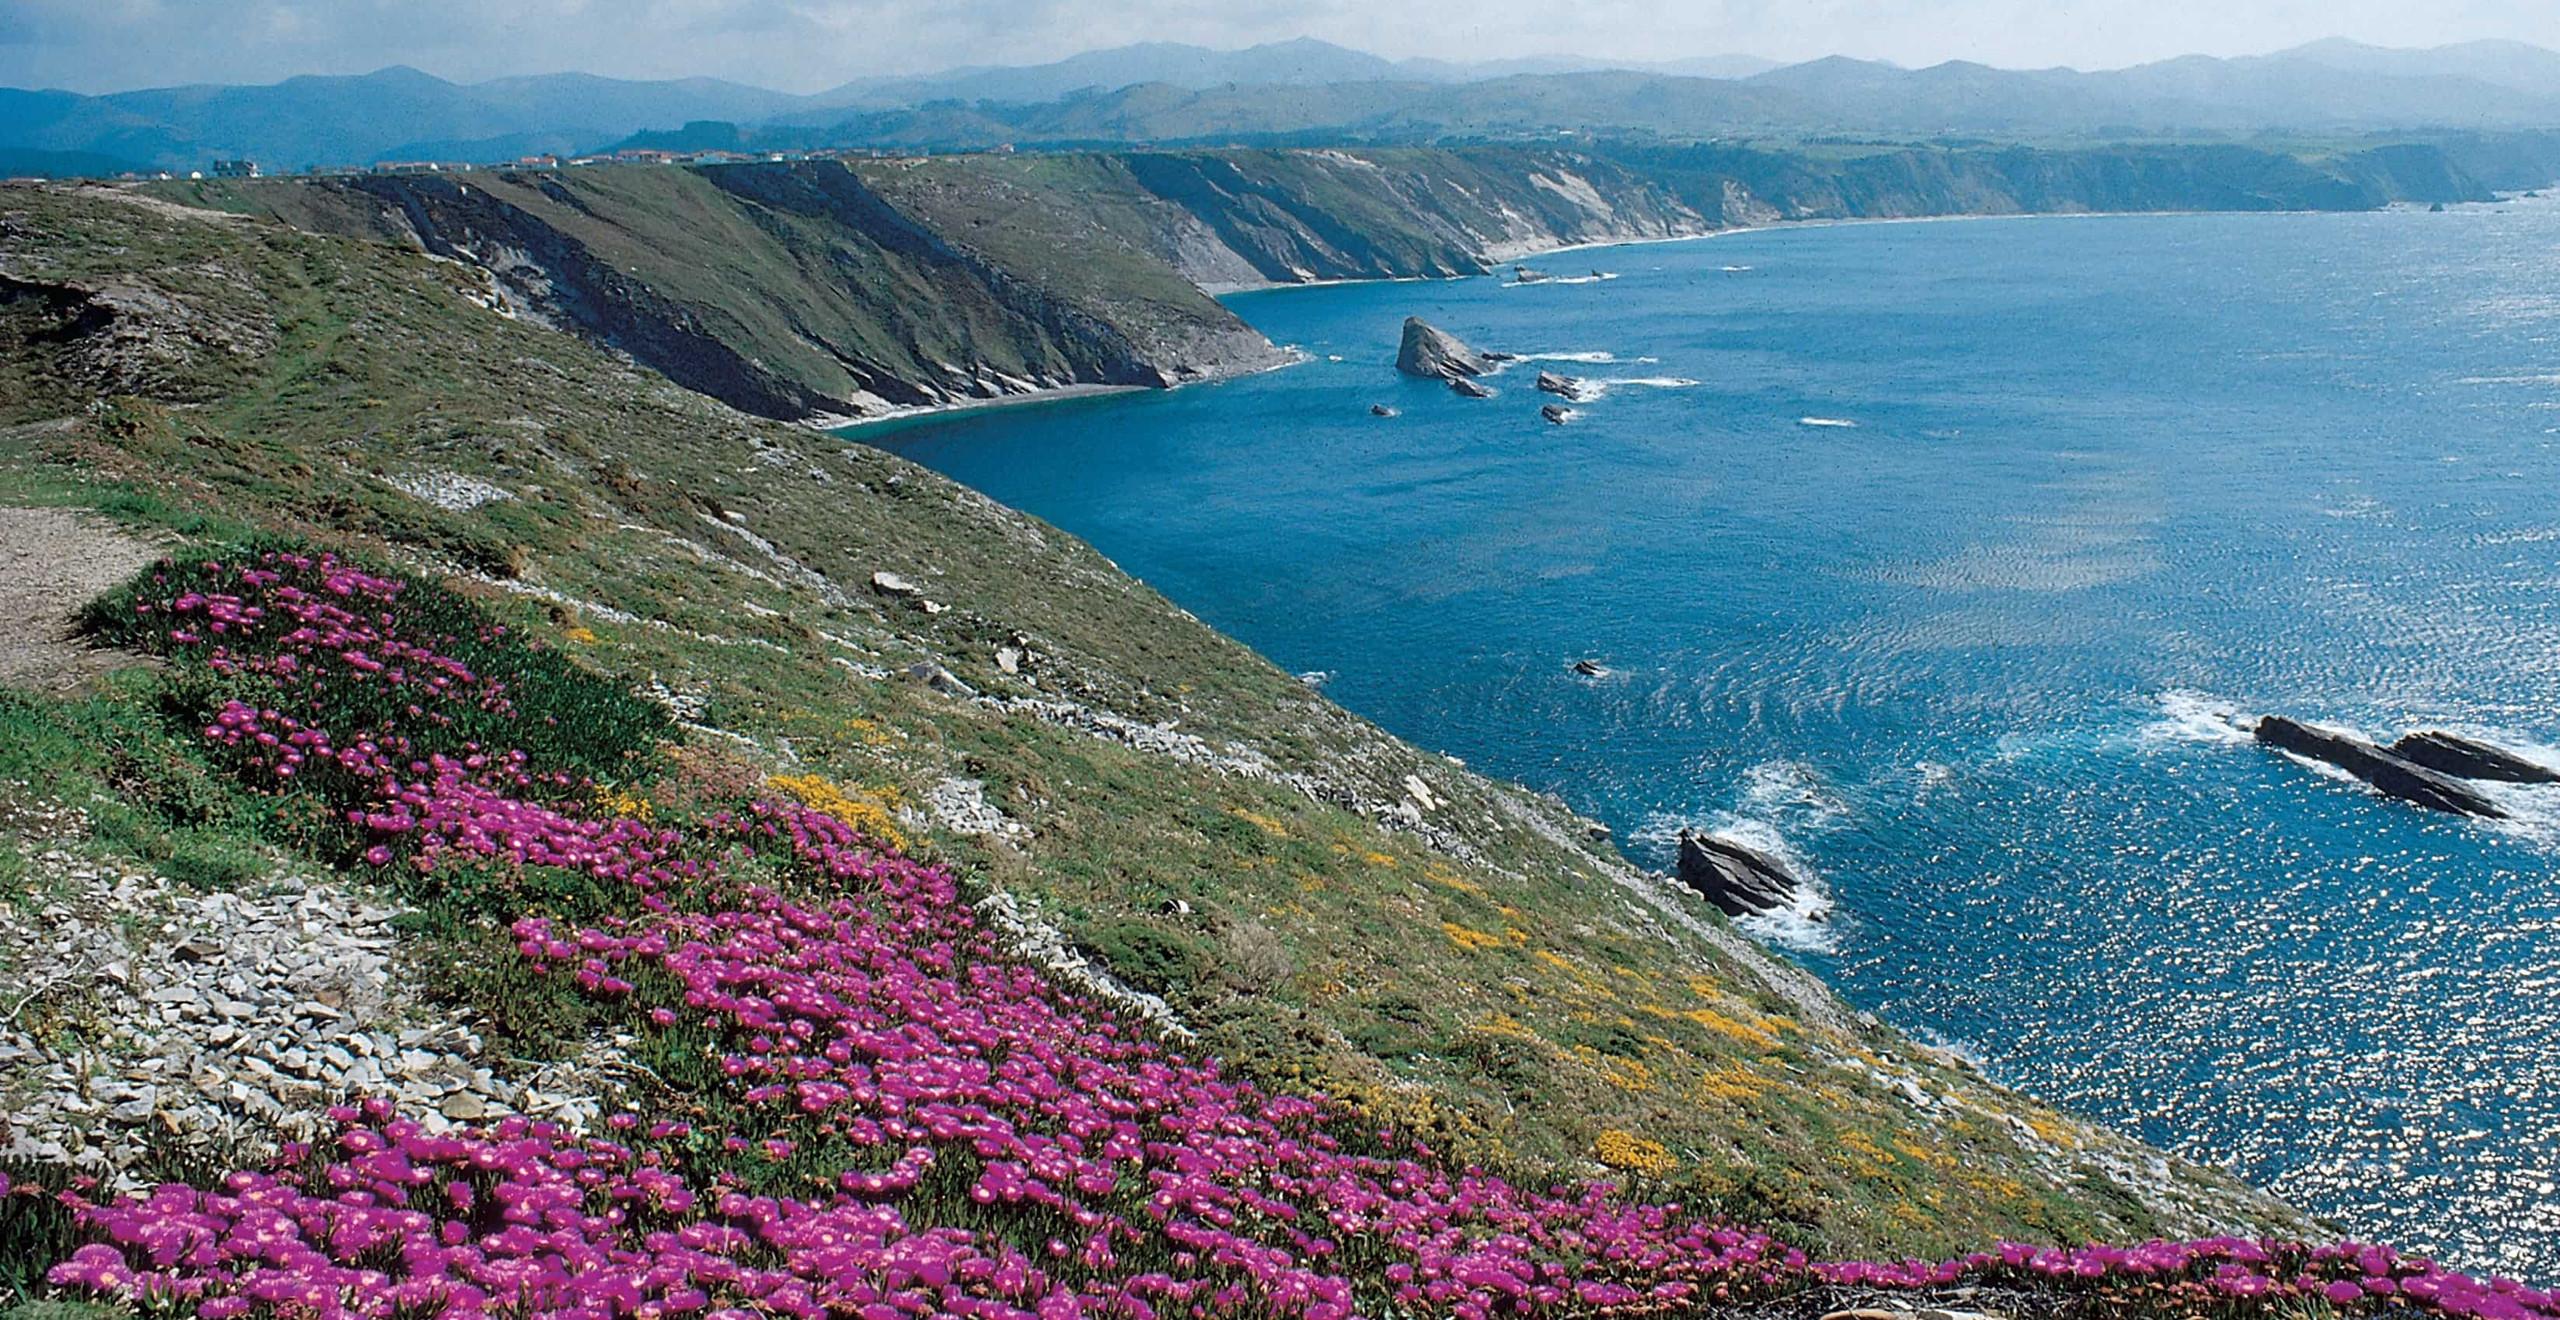 vacaciones en la playa asturias